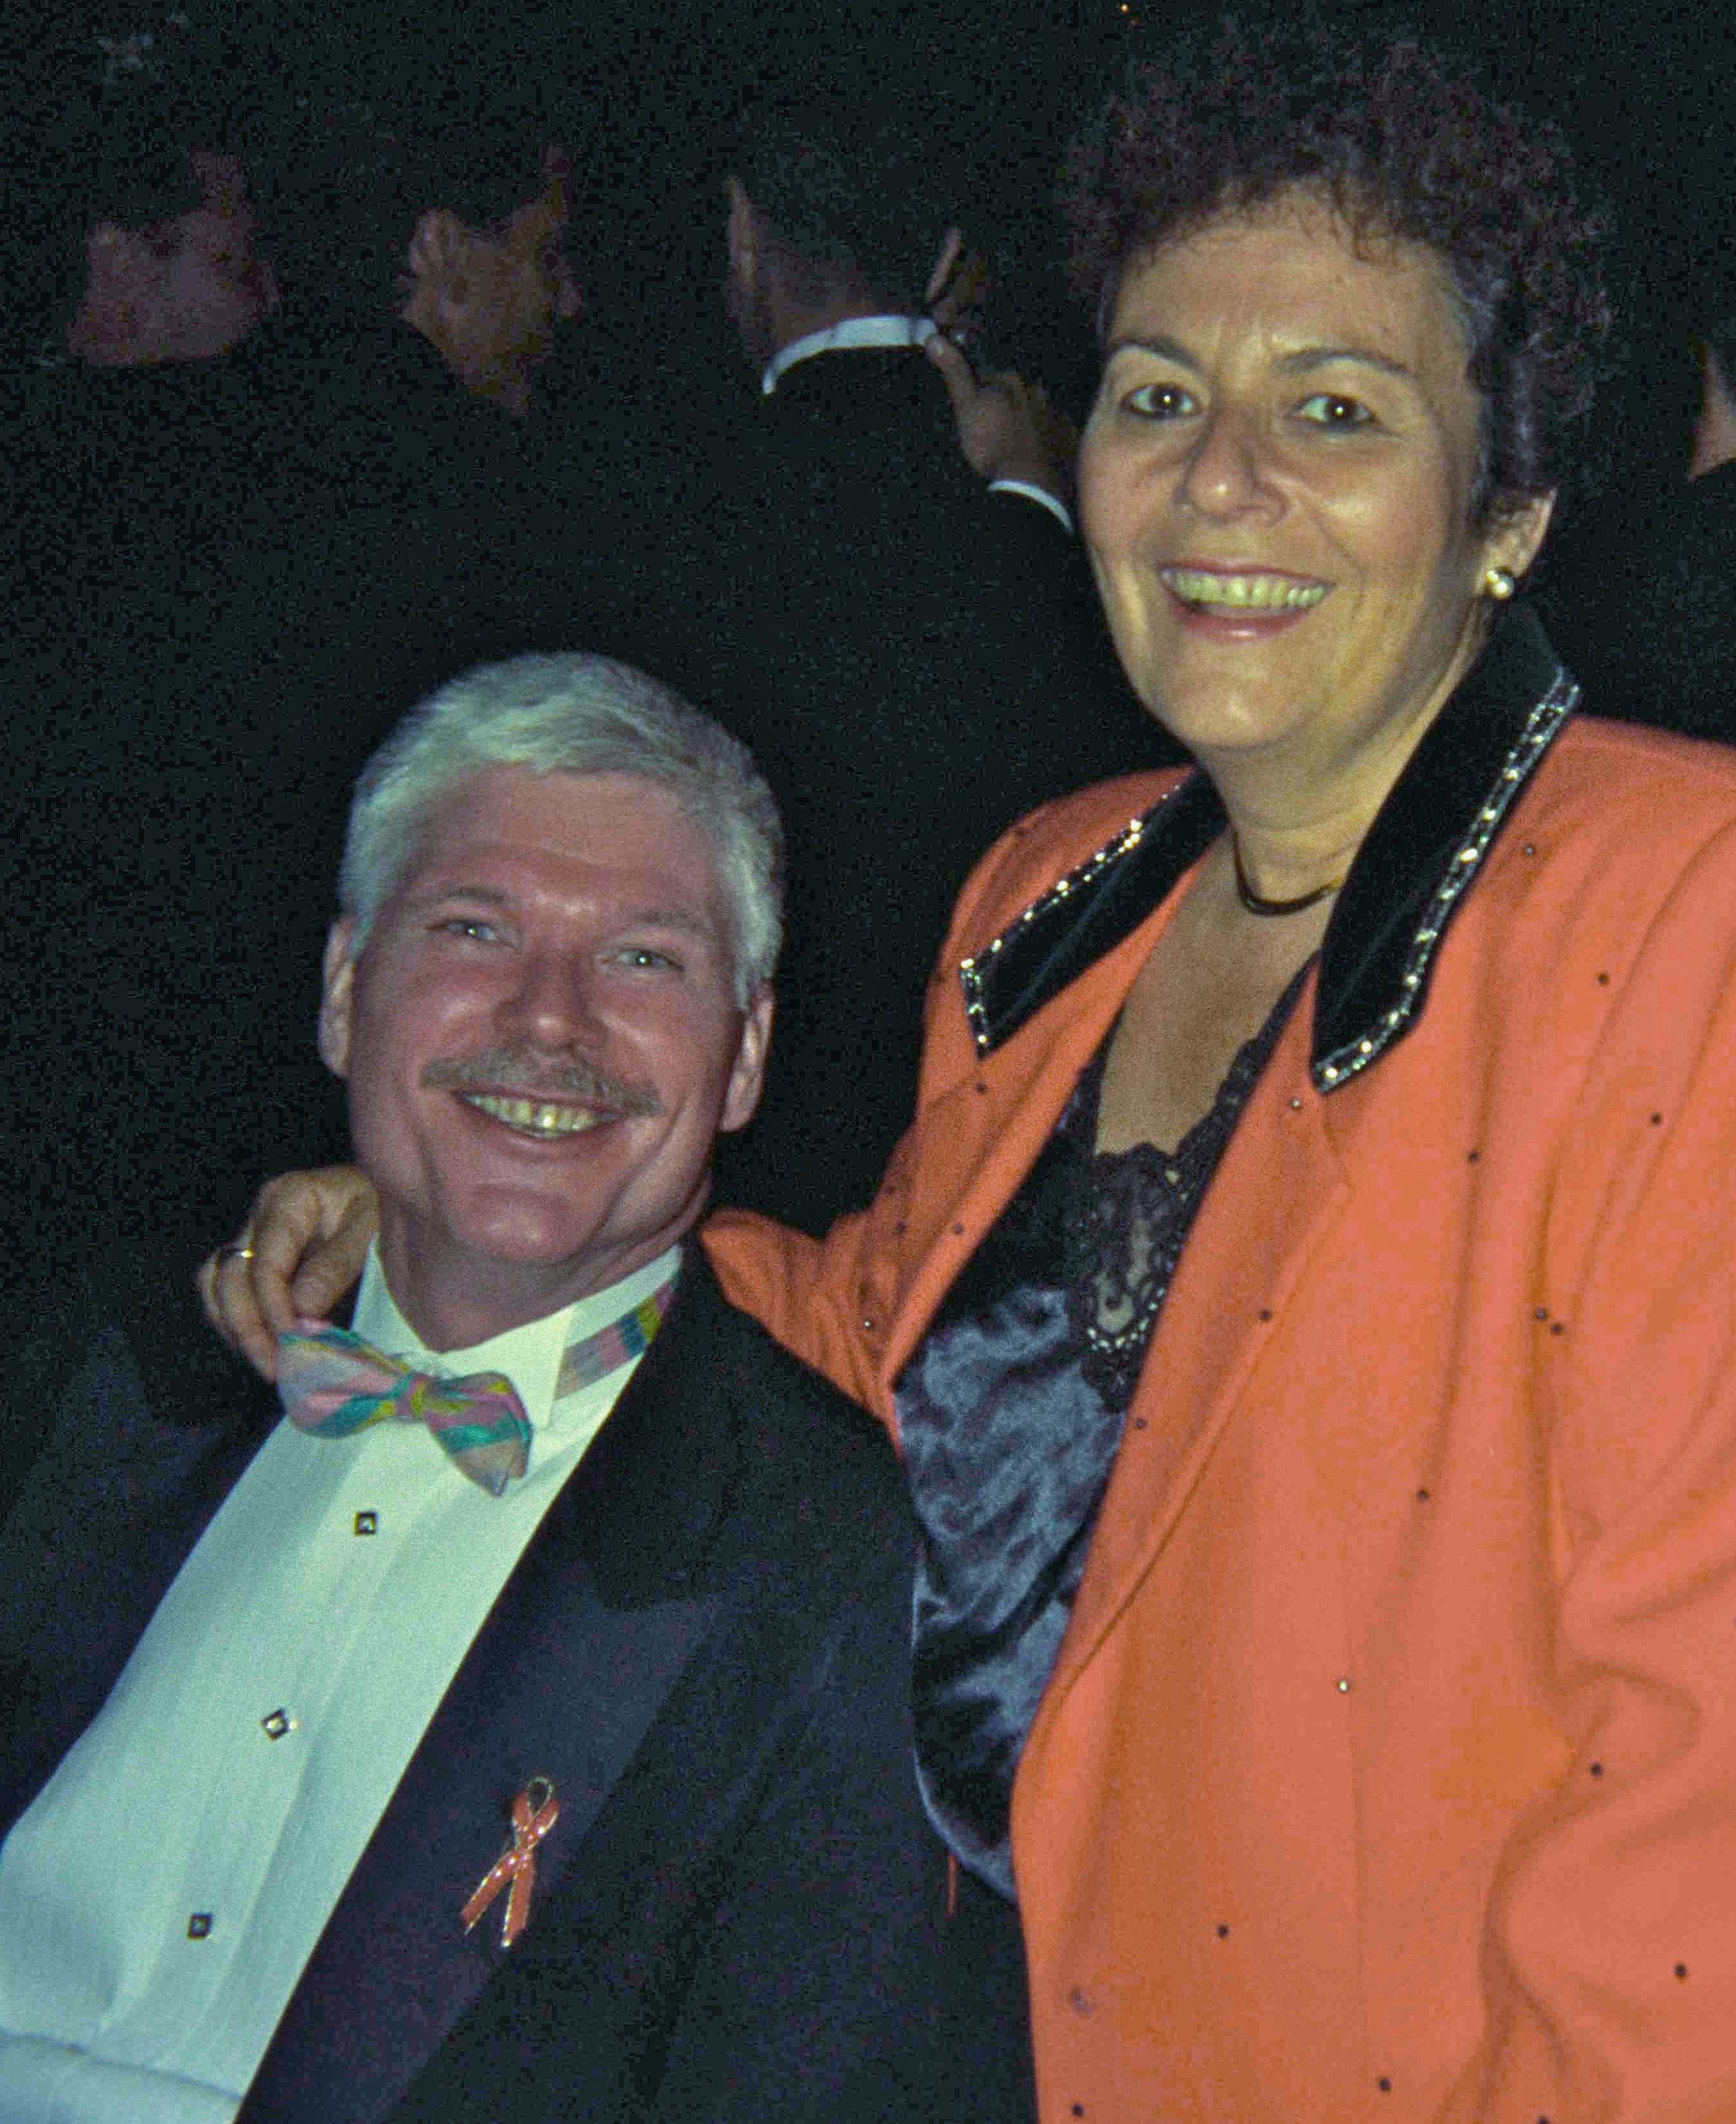 Principal founder of Black Tie Dinner, John Thomas, with close friend Vivian Shapiro of New York